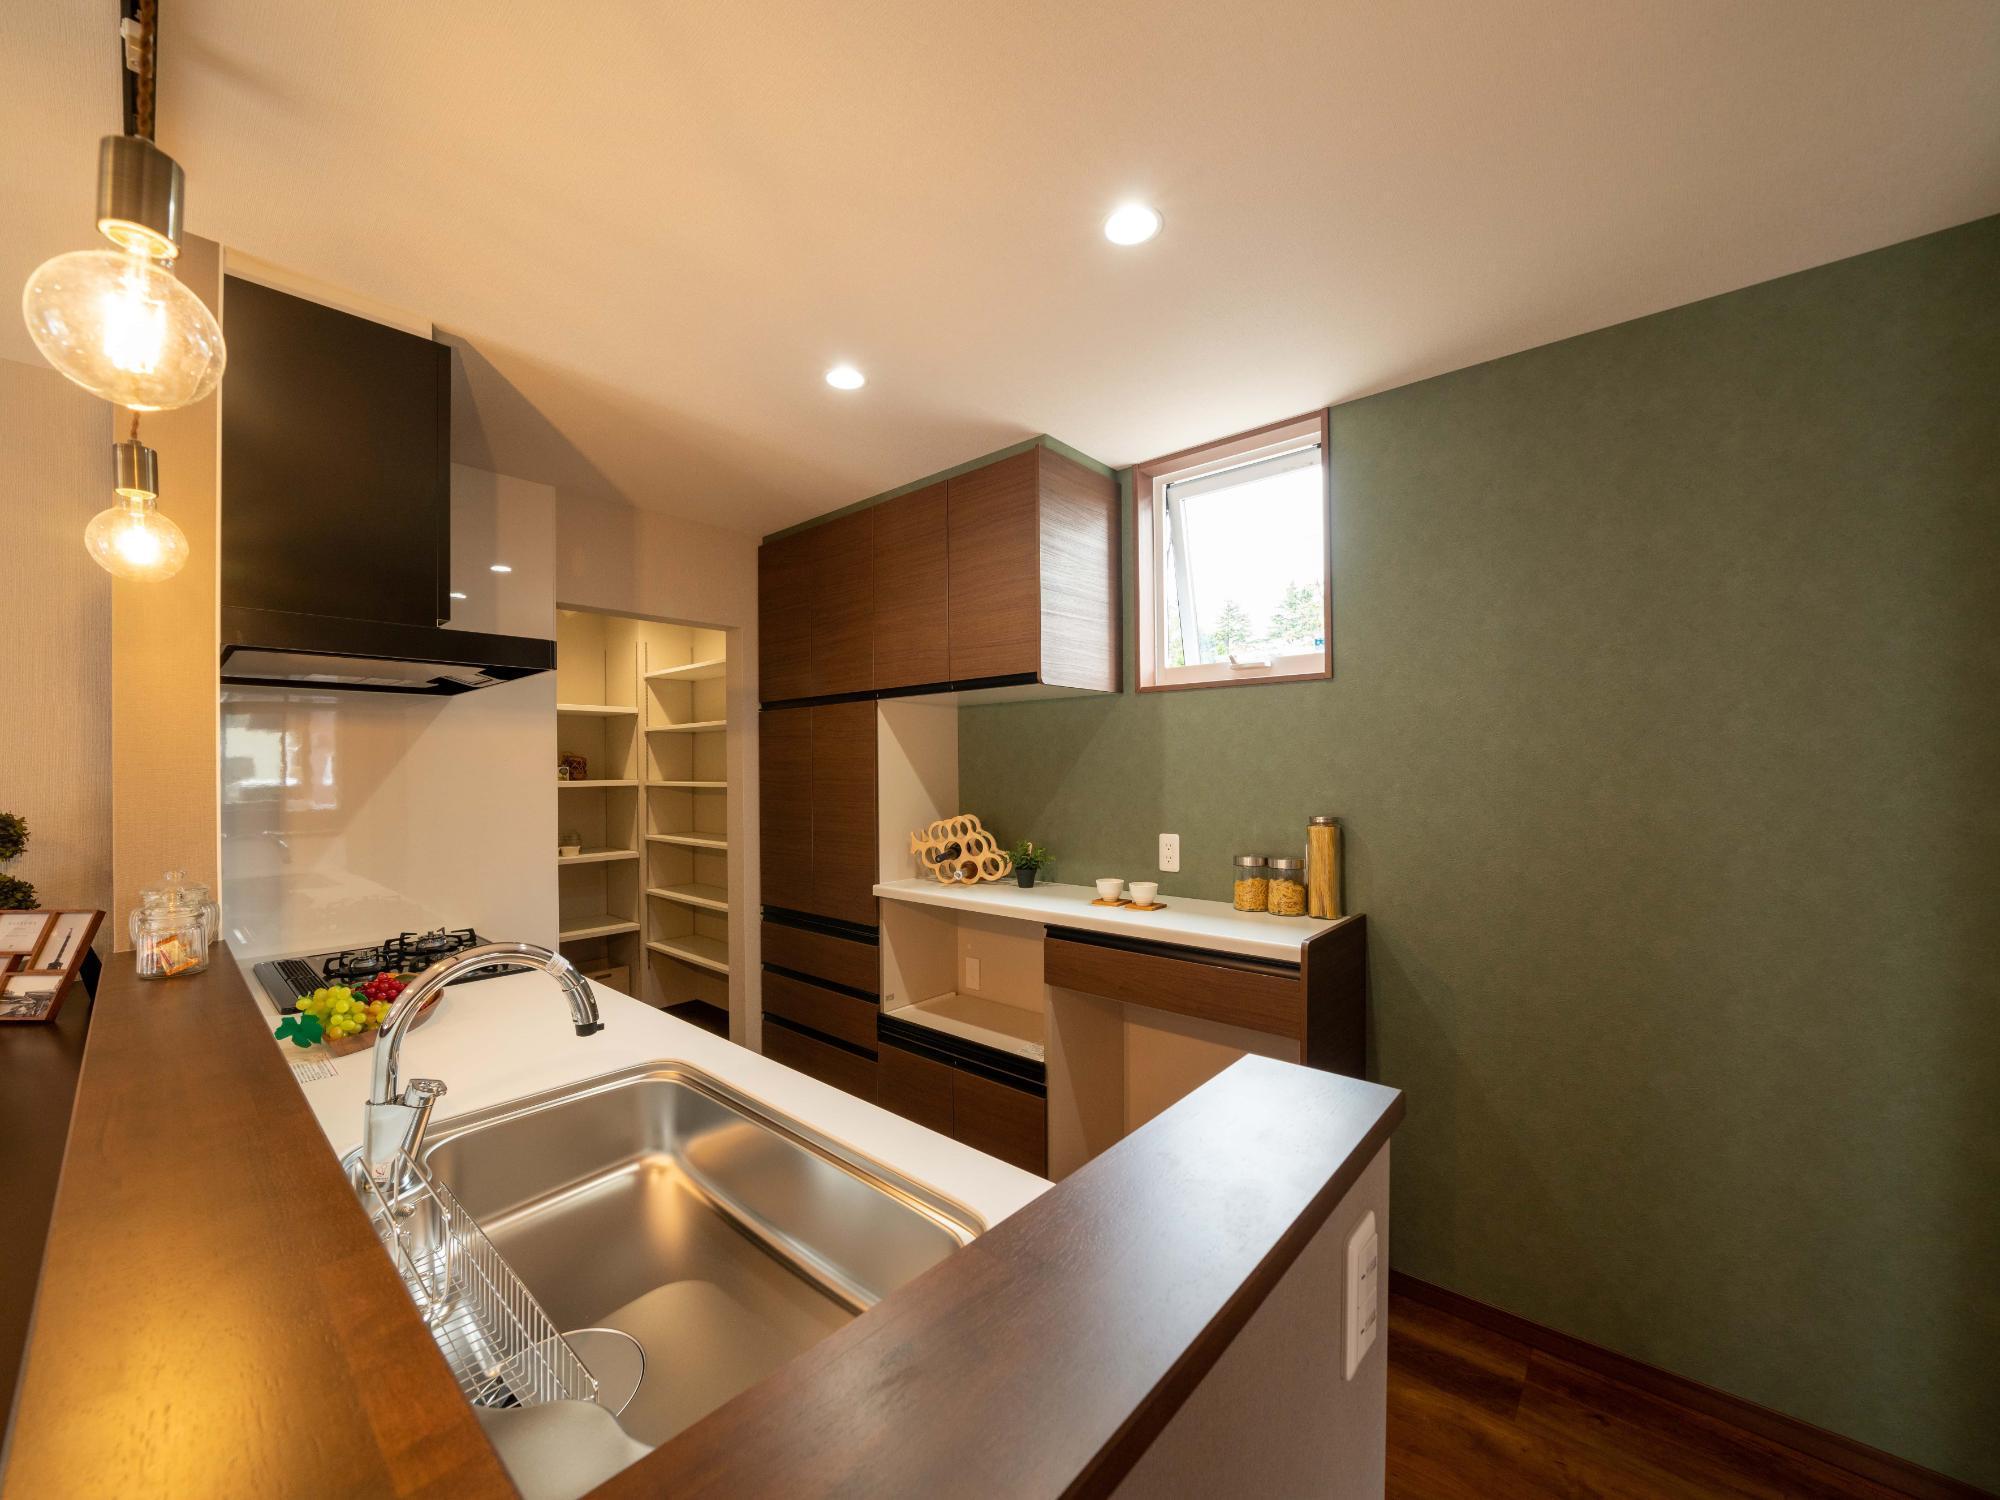 株式会社ハウジングシステム・トーア「未来の生活を考慮した楽しみを造り込む家」のシンプル・ナチュラルなキッチンの実例写真